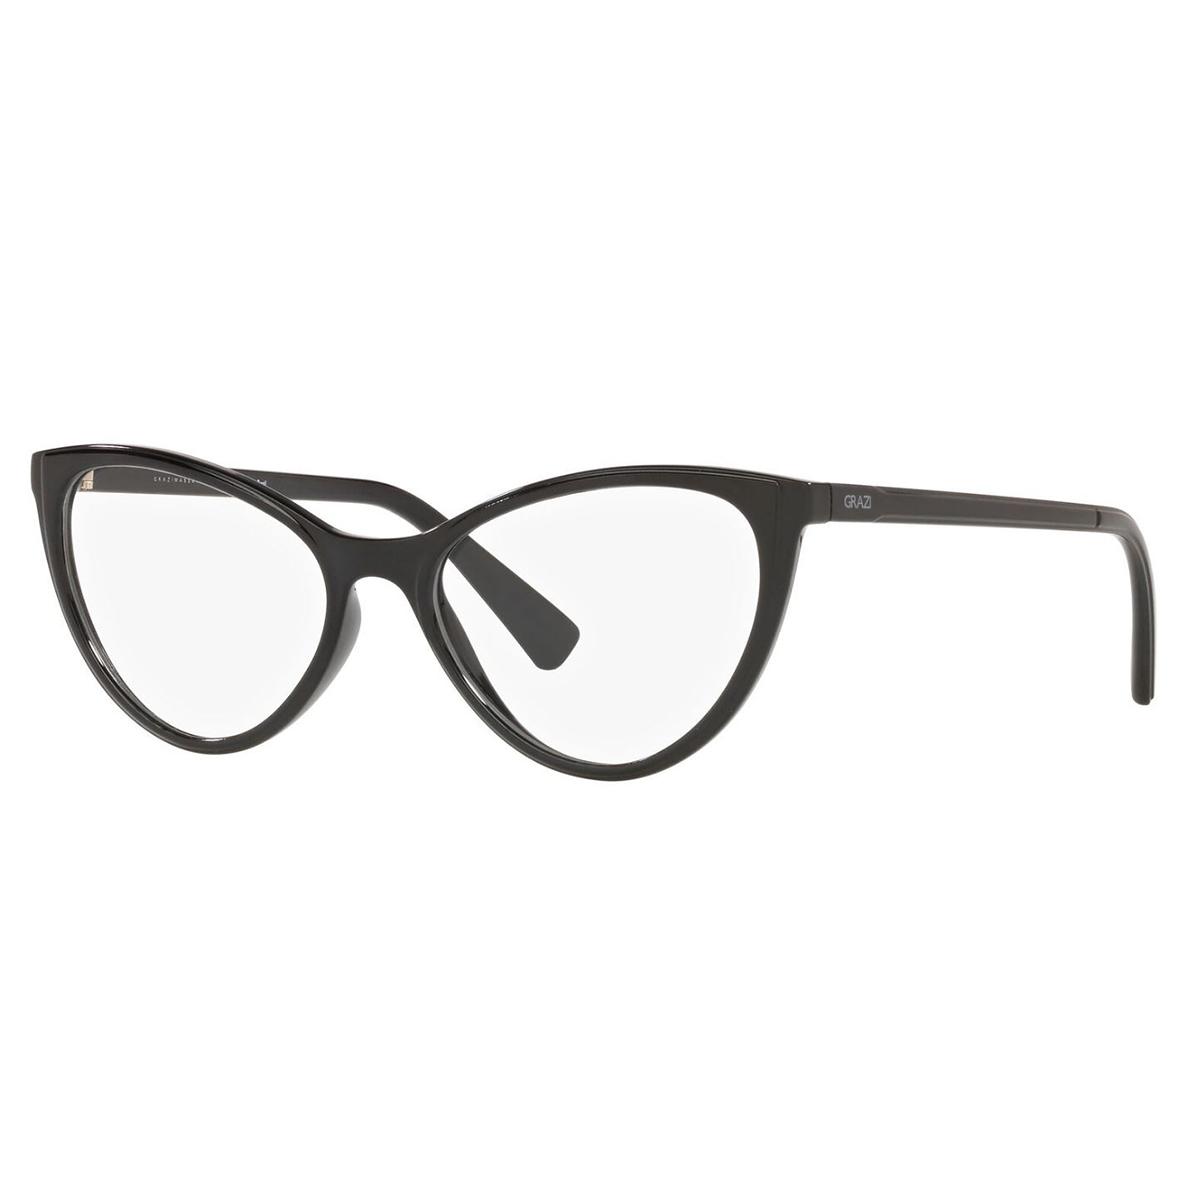 Óculos de Grazi GZ3073 Gatinho Preto Brilho Tamanho 52